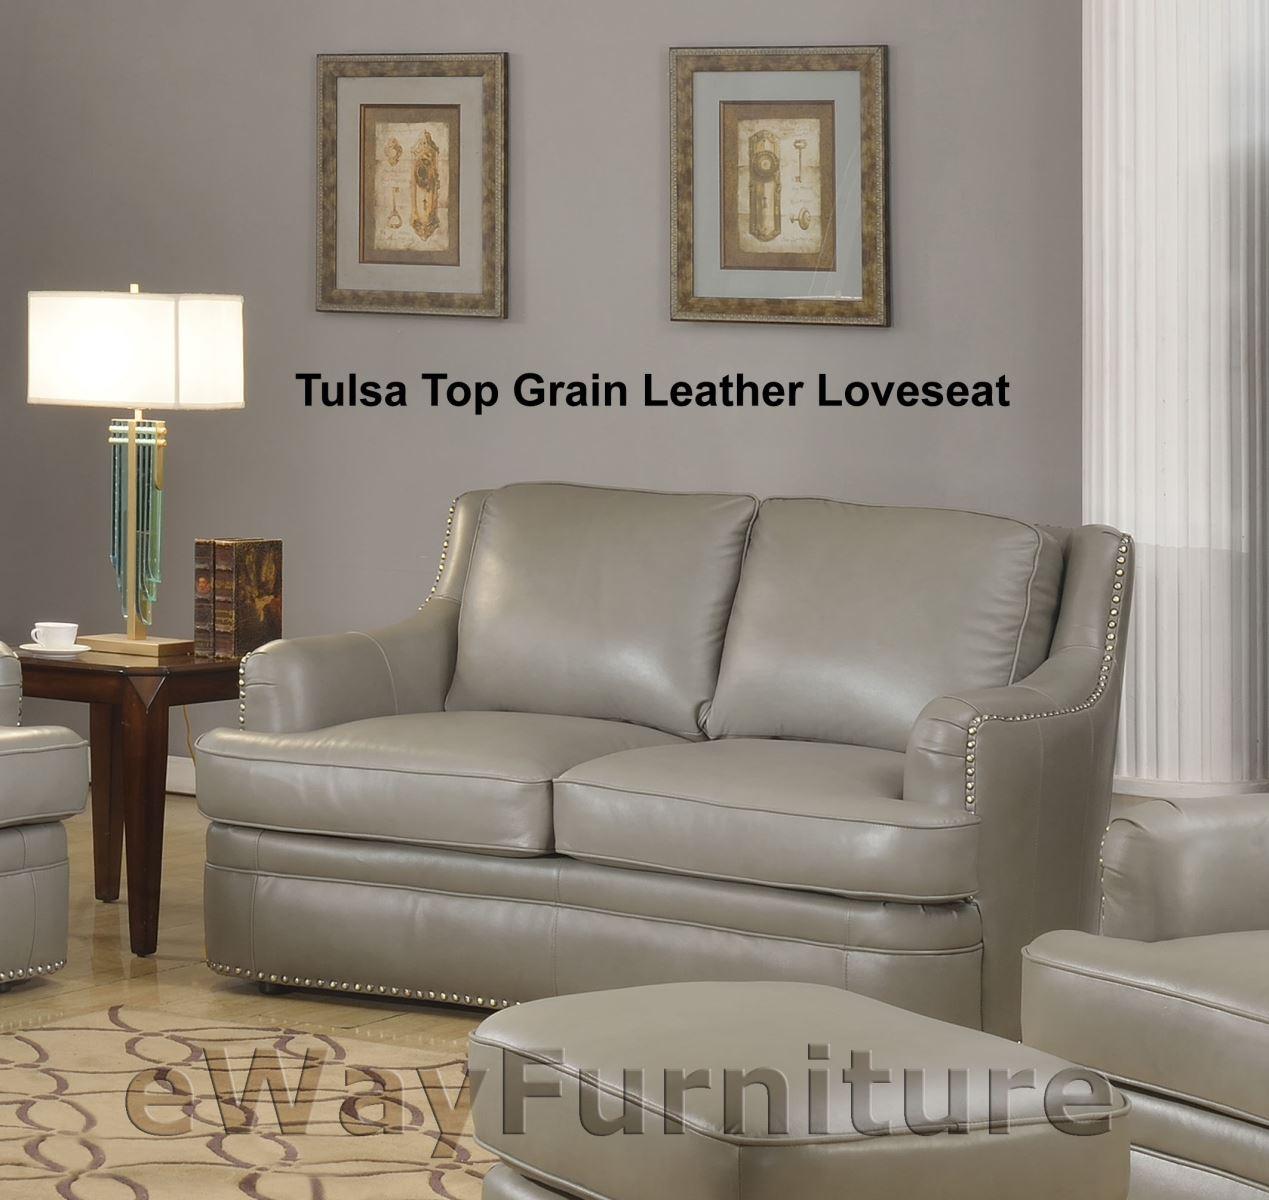 Tulsa Top Grain Leather Loveseat In Dark Grey